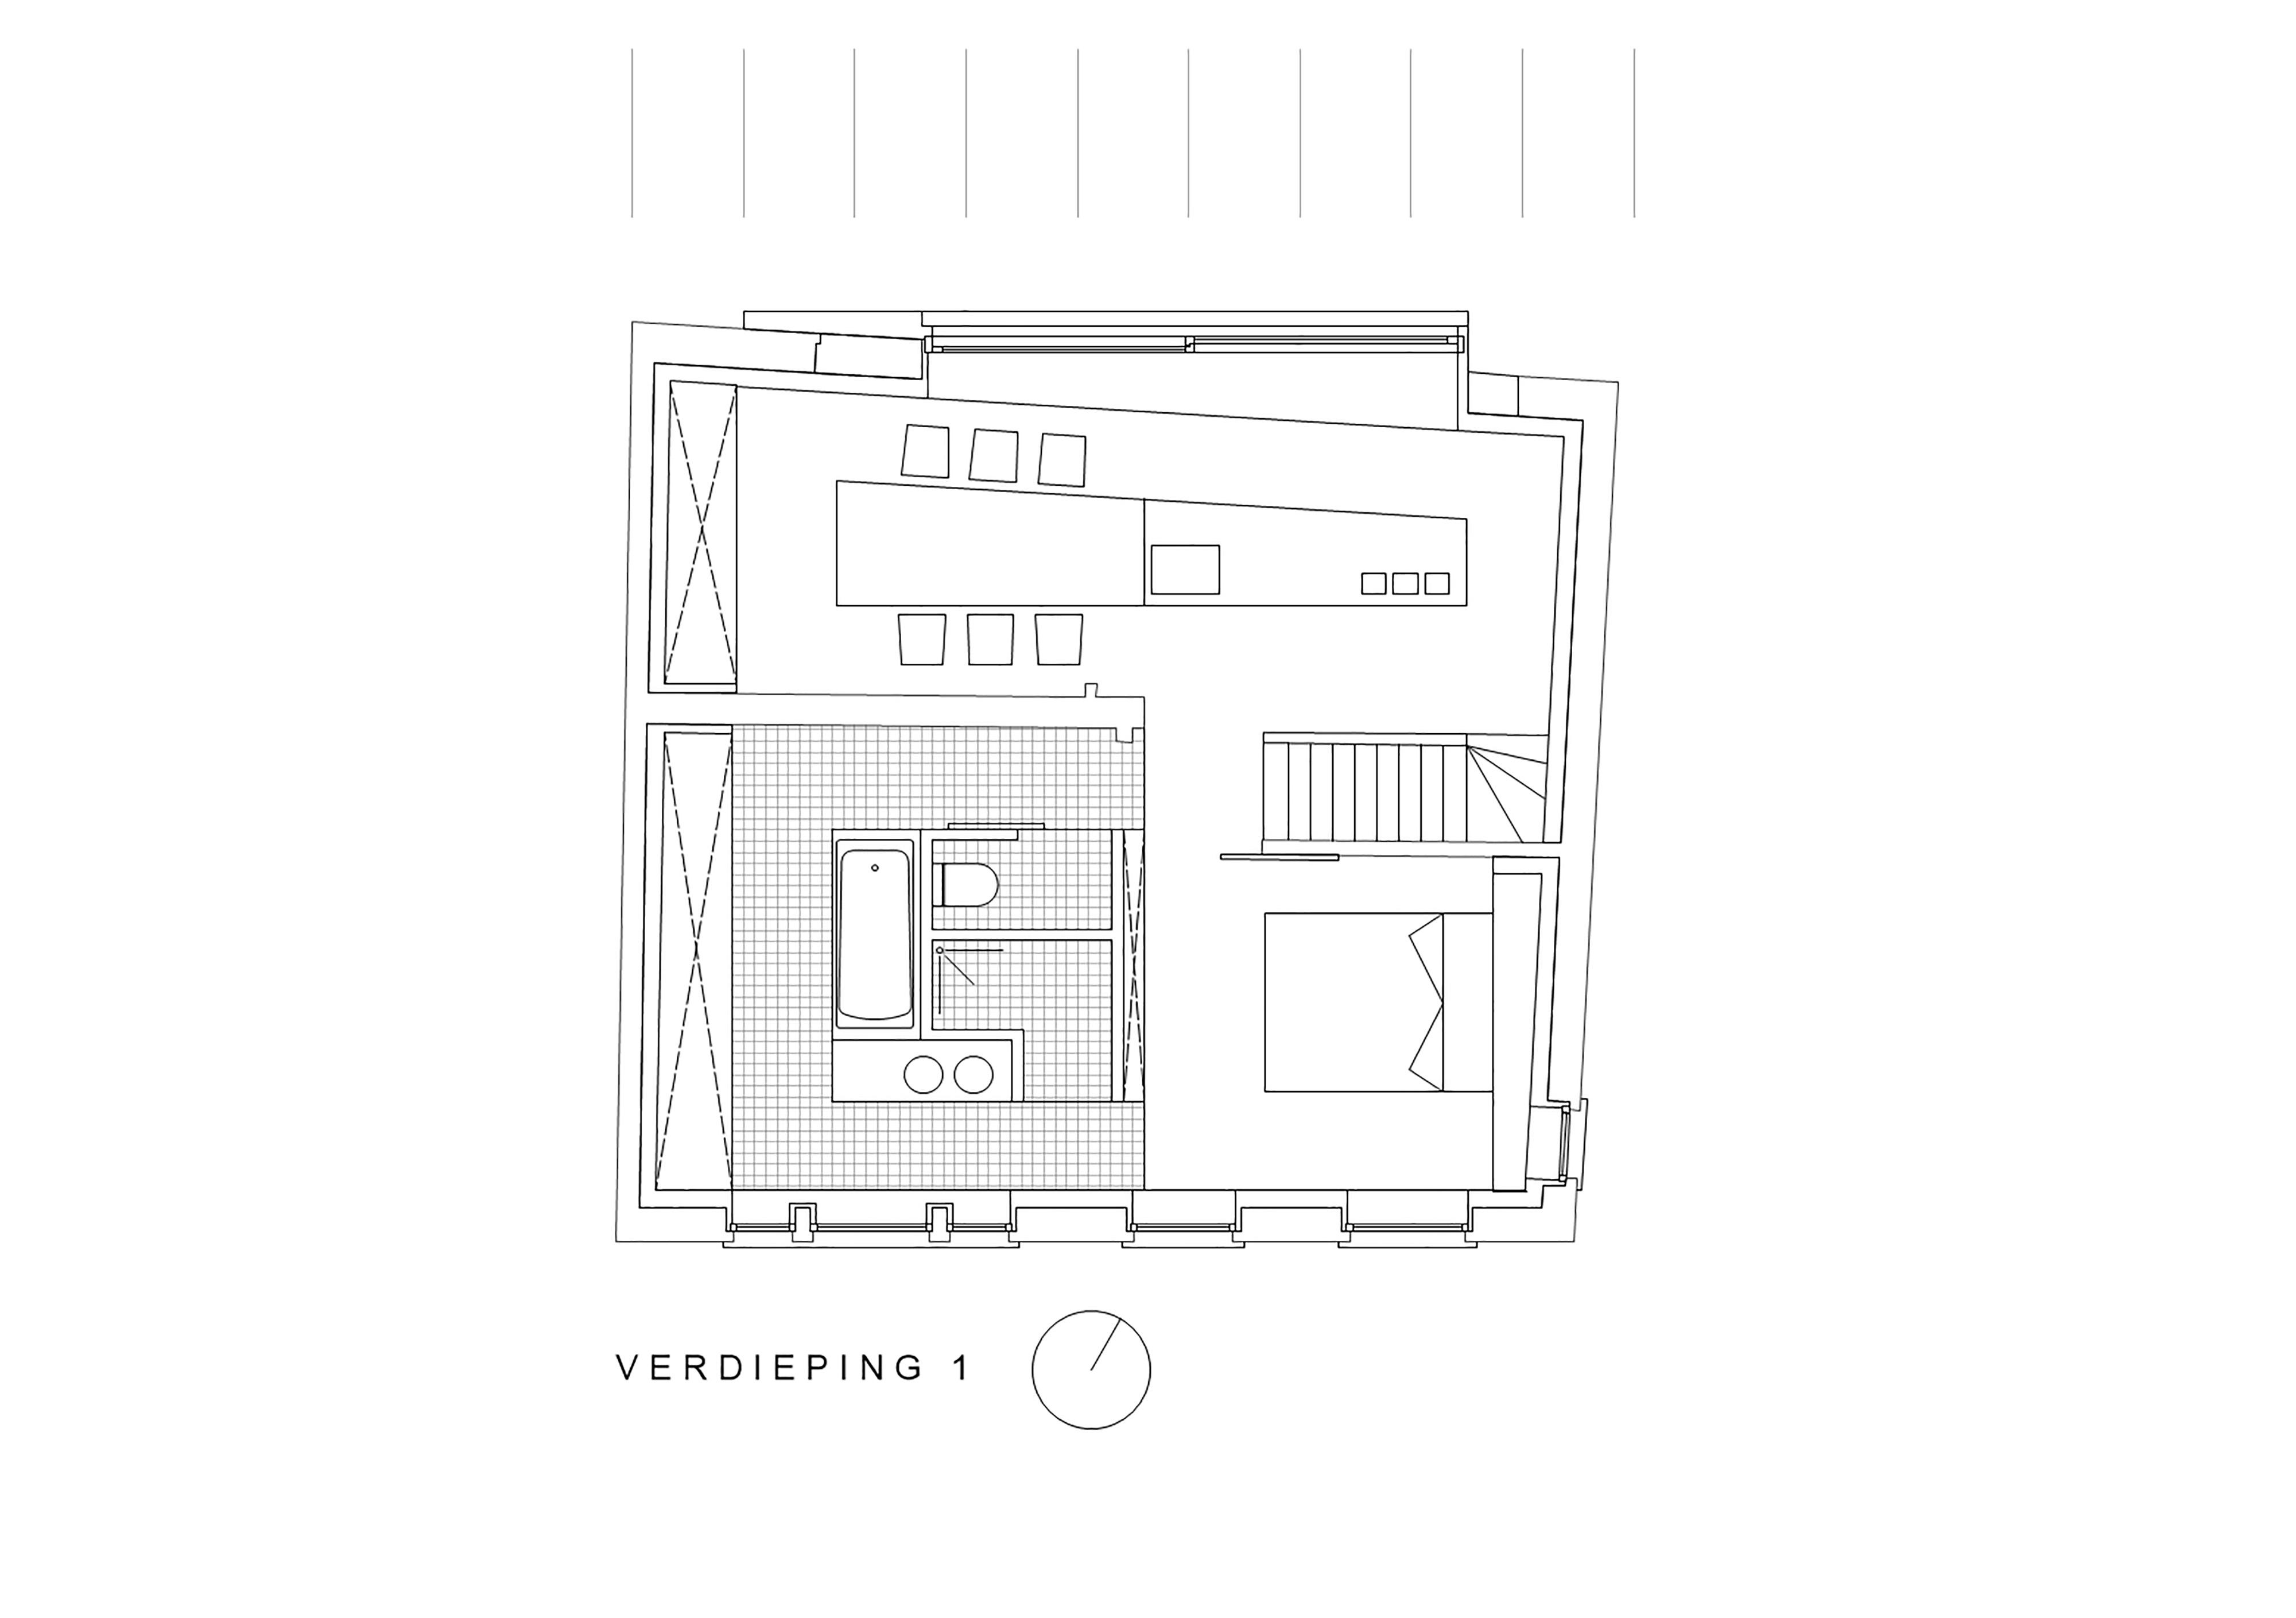 grondplan verdieping 1